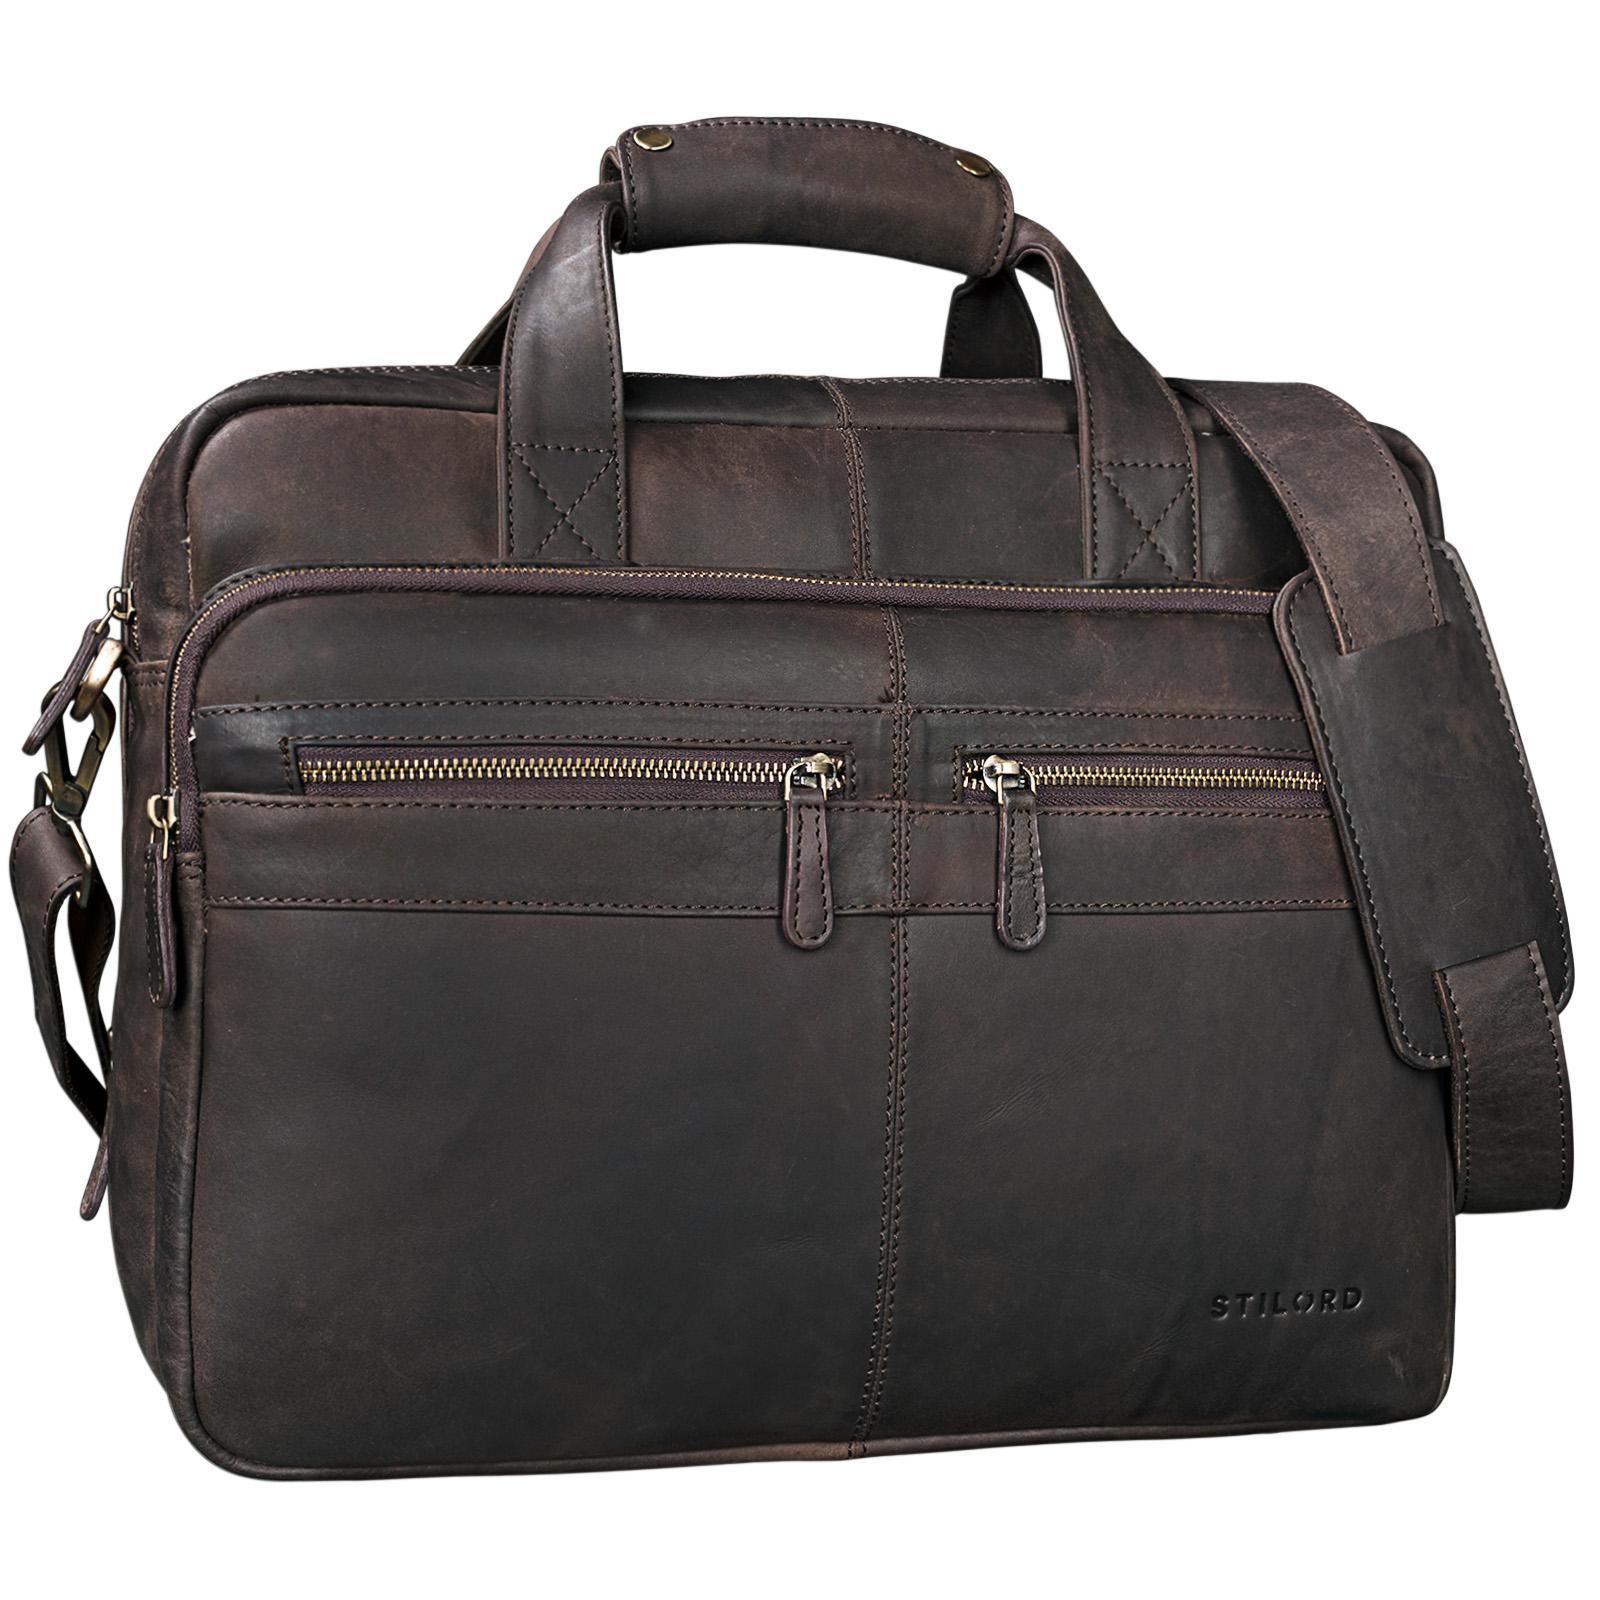 """STILORD """"Explorer"""" Lehrertasche Leder Herren Damen Aktentasche Büro Schulter- oder Umhängetasche für Laptop mit Dreifachtrenner Echt Leder Vintage - Bild 21"""